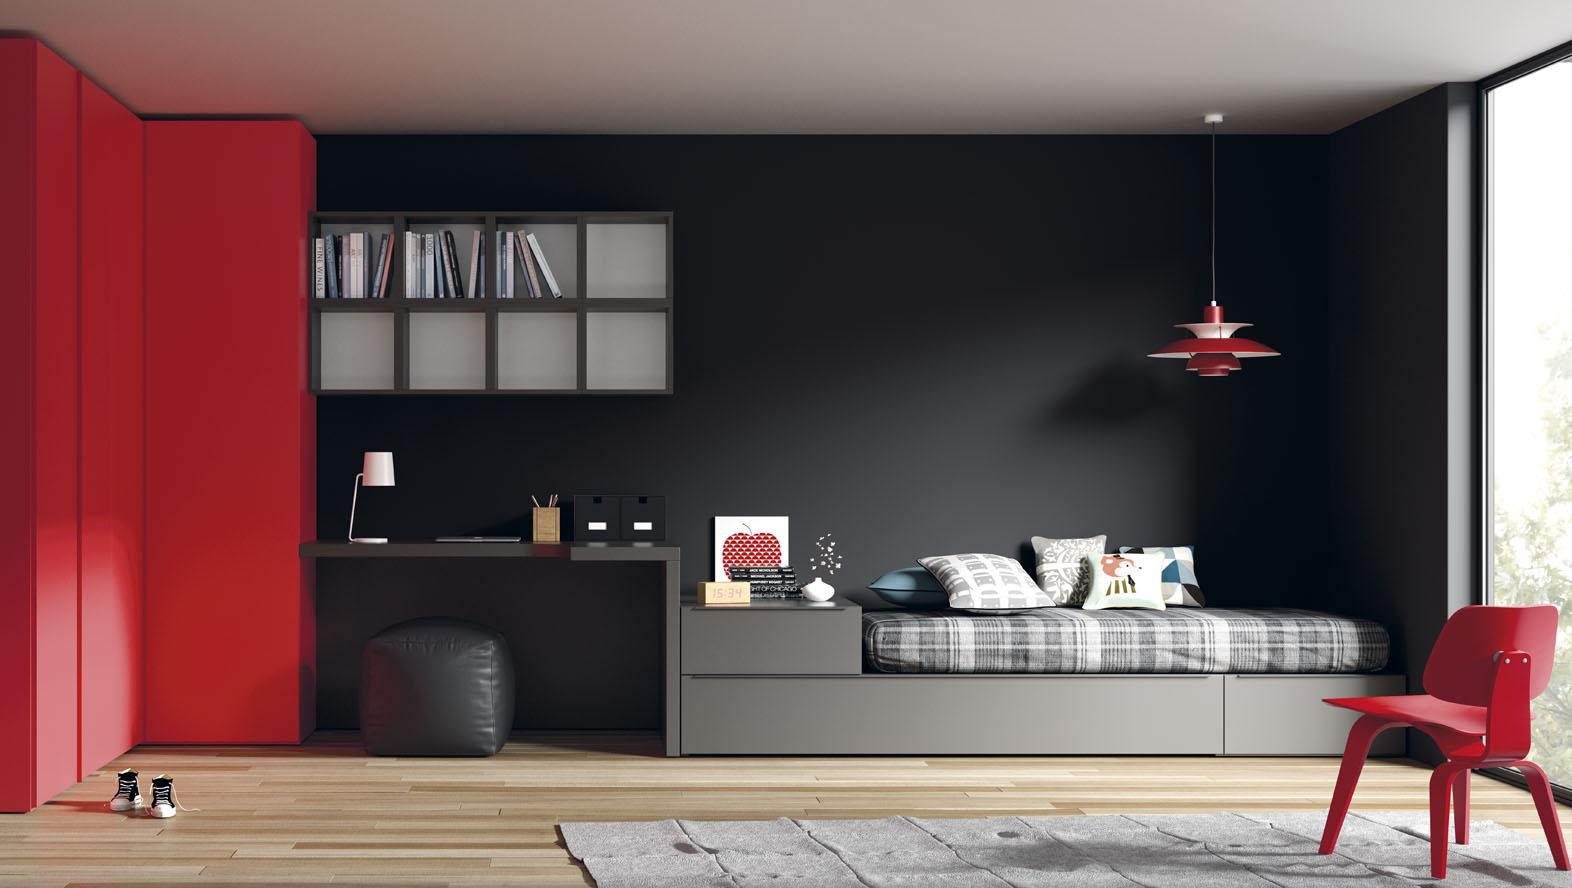 Tatat muebles a medida y m s expertos en mueble juvenil - Decoracion armarios dormitorios ...